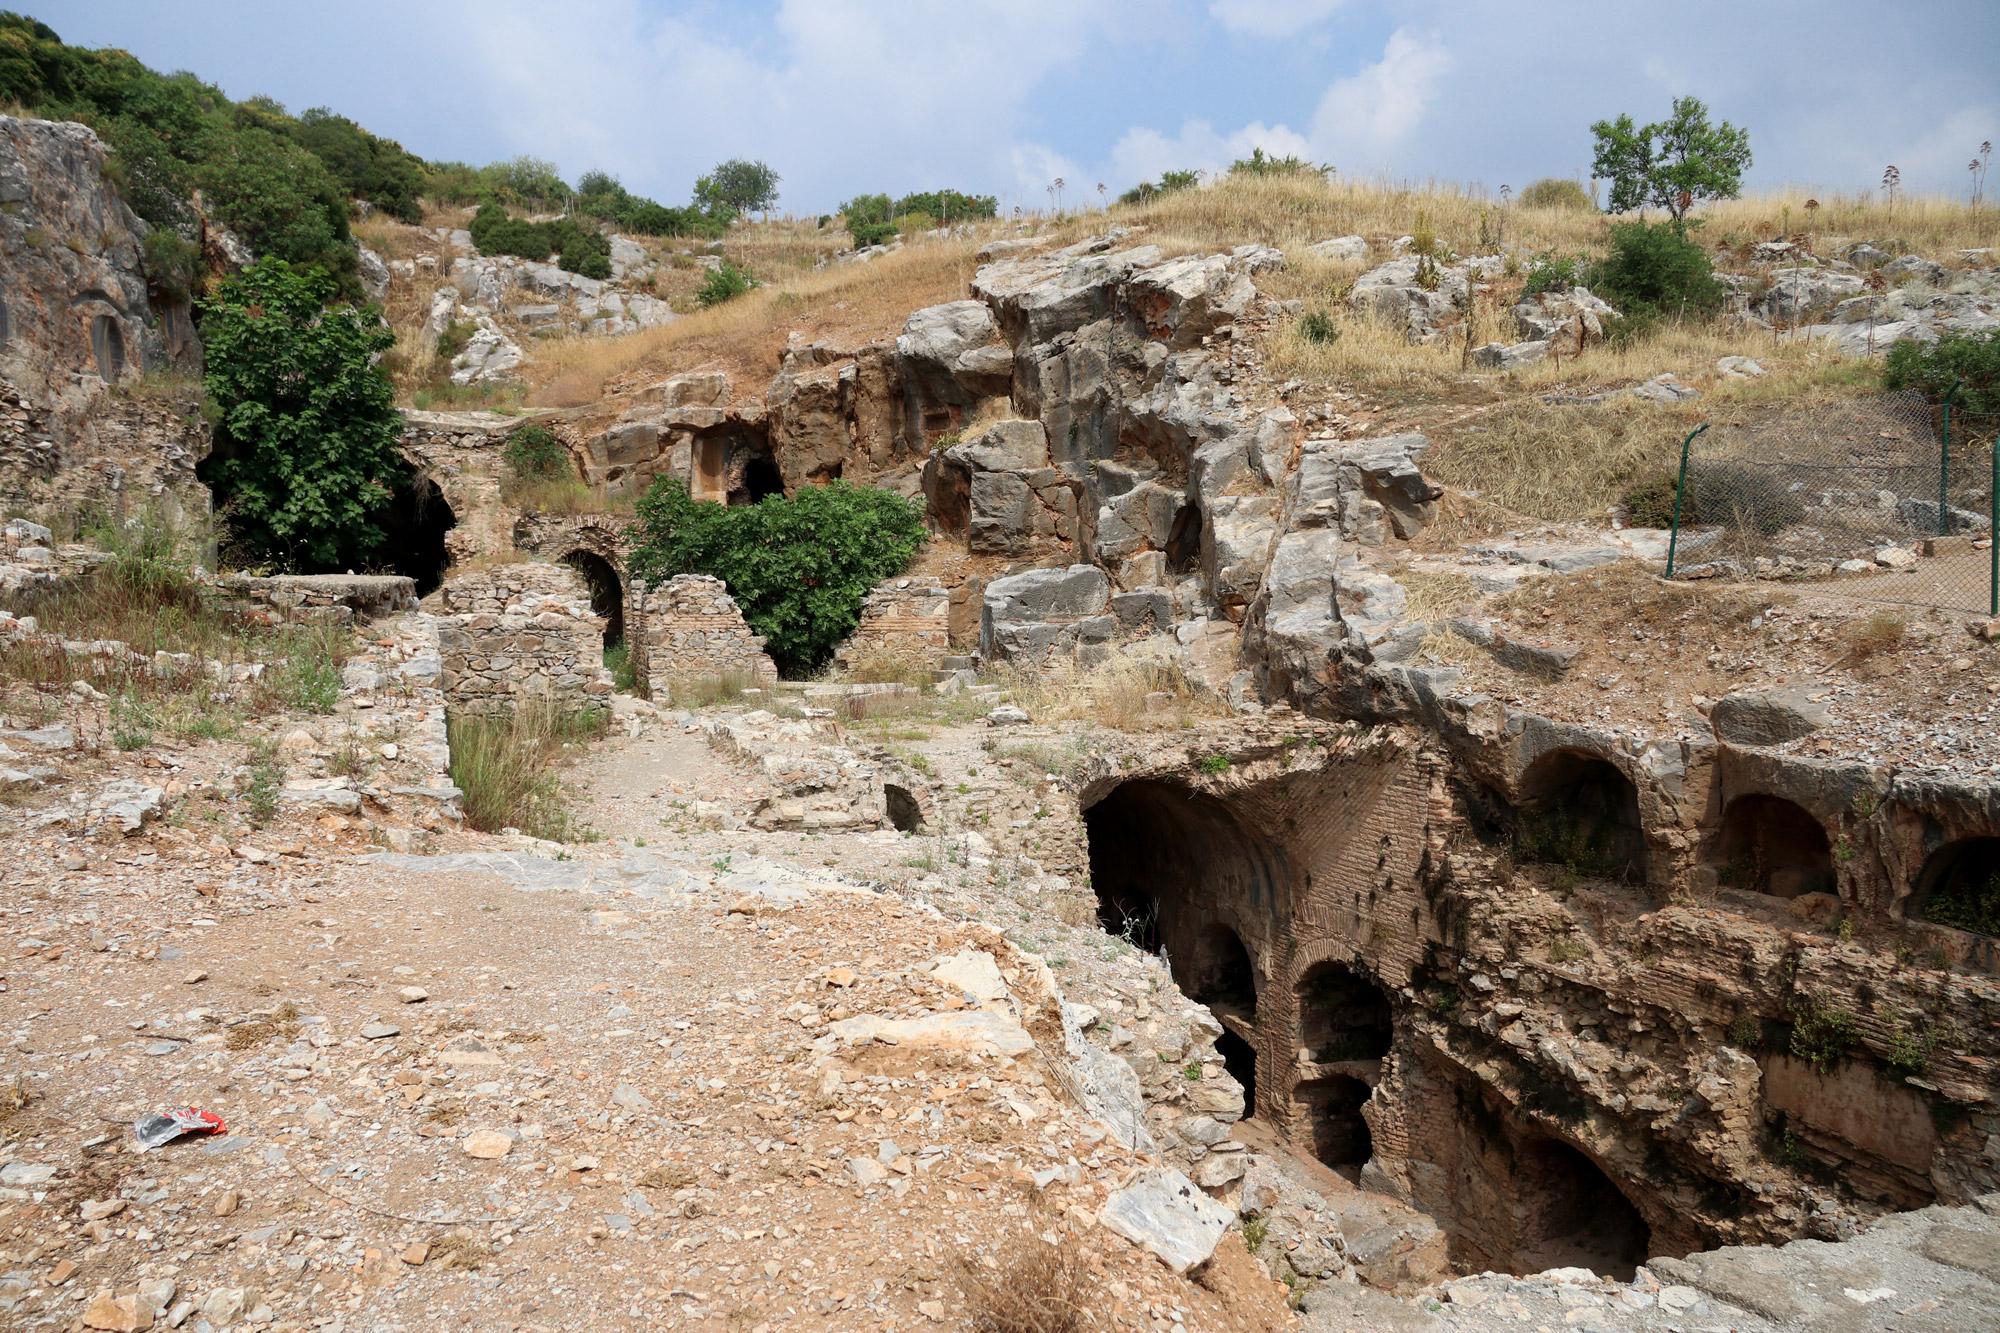 Turkije reisverslag: Efeze en Şirince - Zevenslapers van Efeze